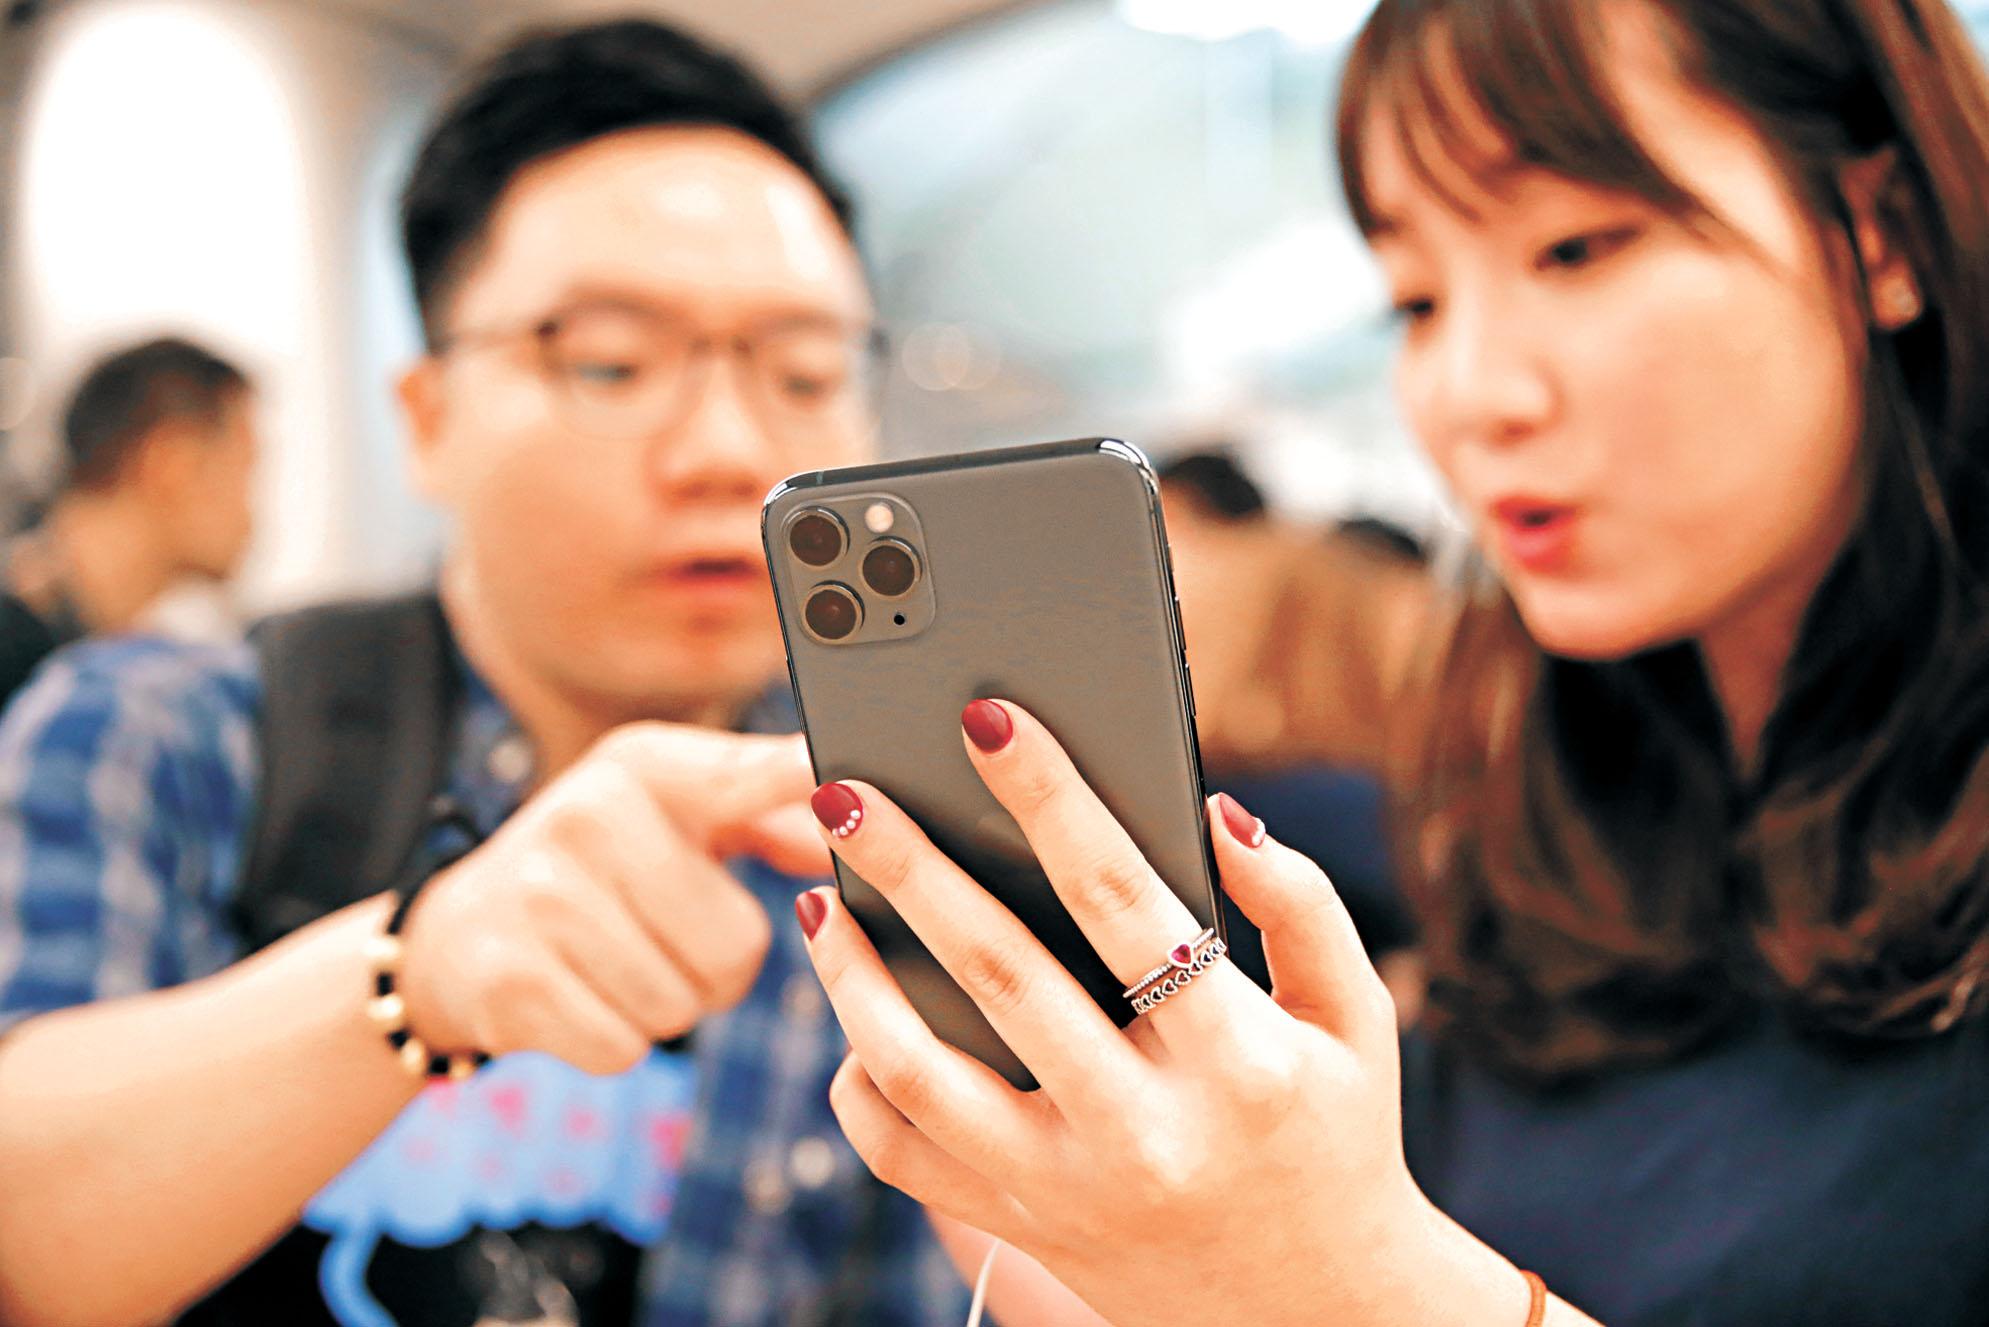 圖為北京市民在試用新款iPhone。路透社資料圖片